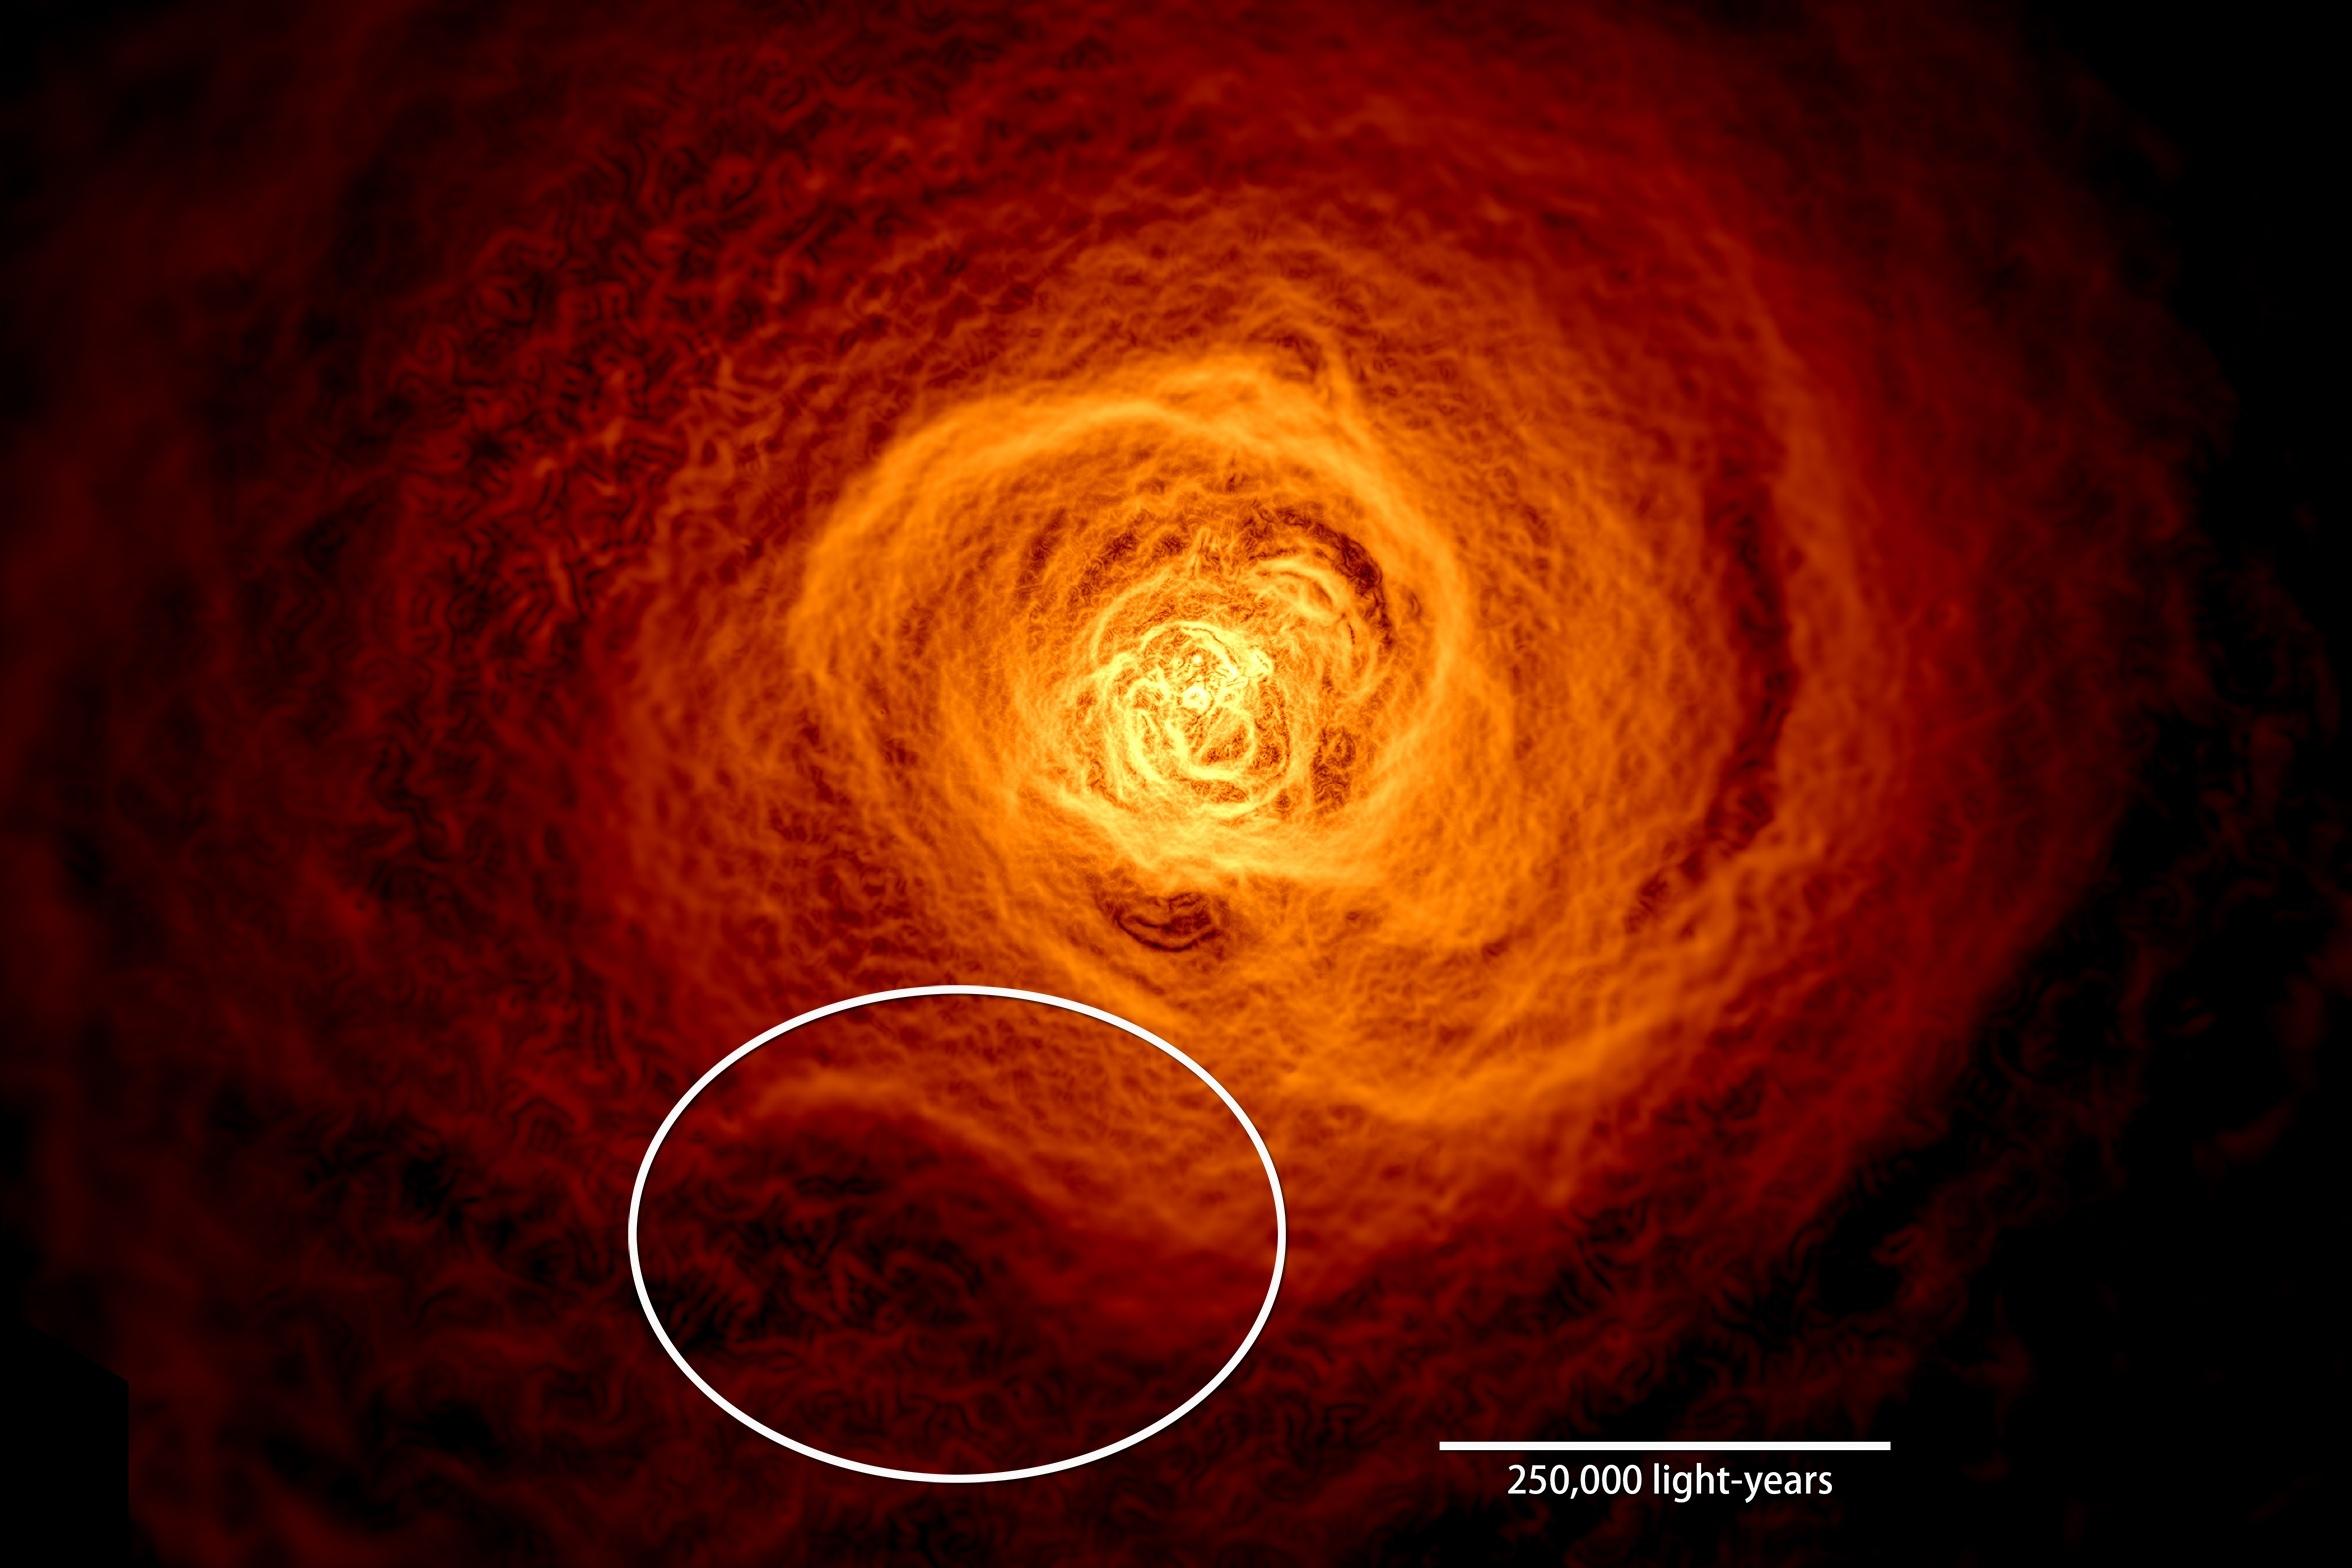 宇宙「驚濤駭浪」 範圍達兩個銀河系之大